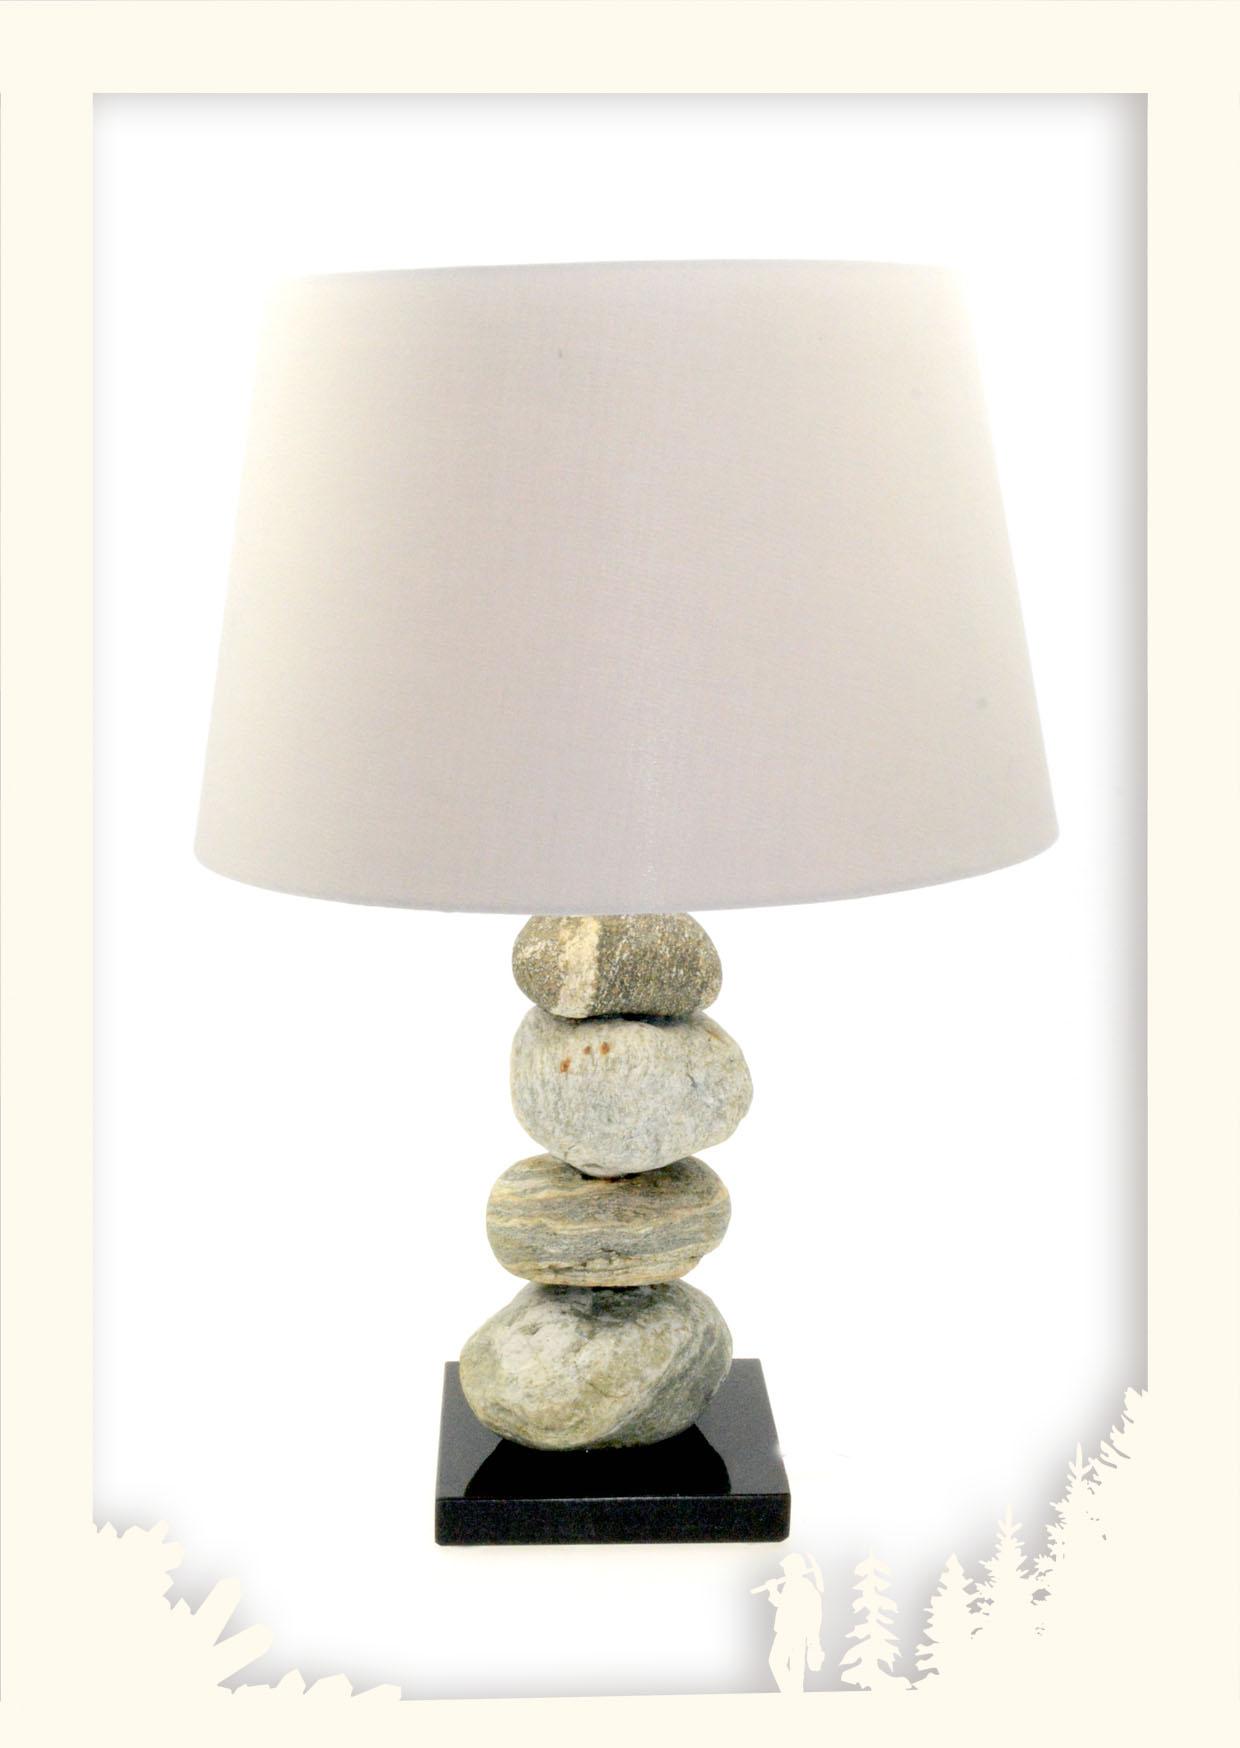 Tischlampe Stein Image